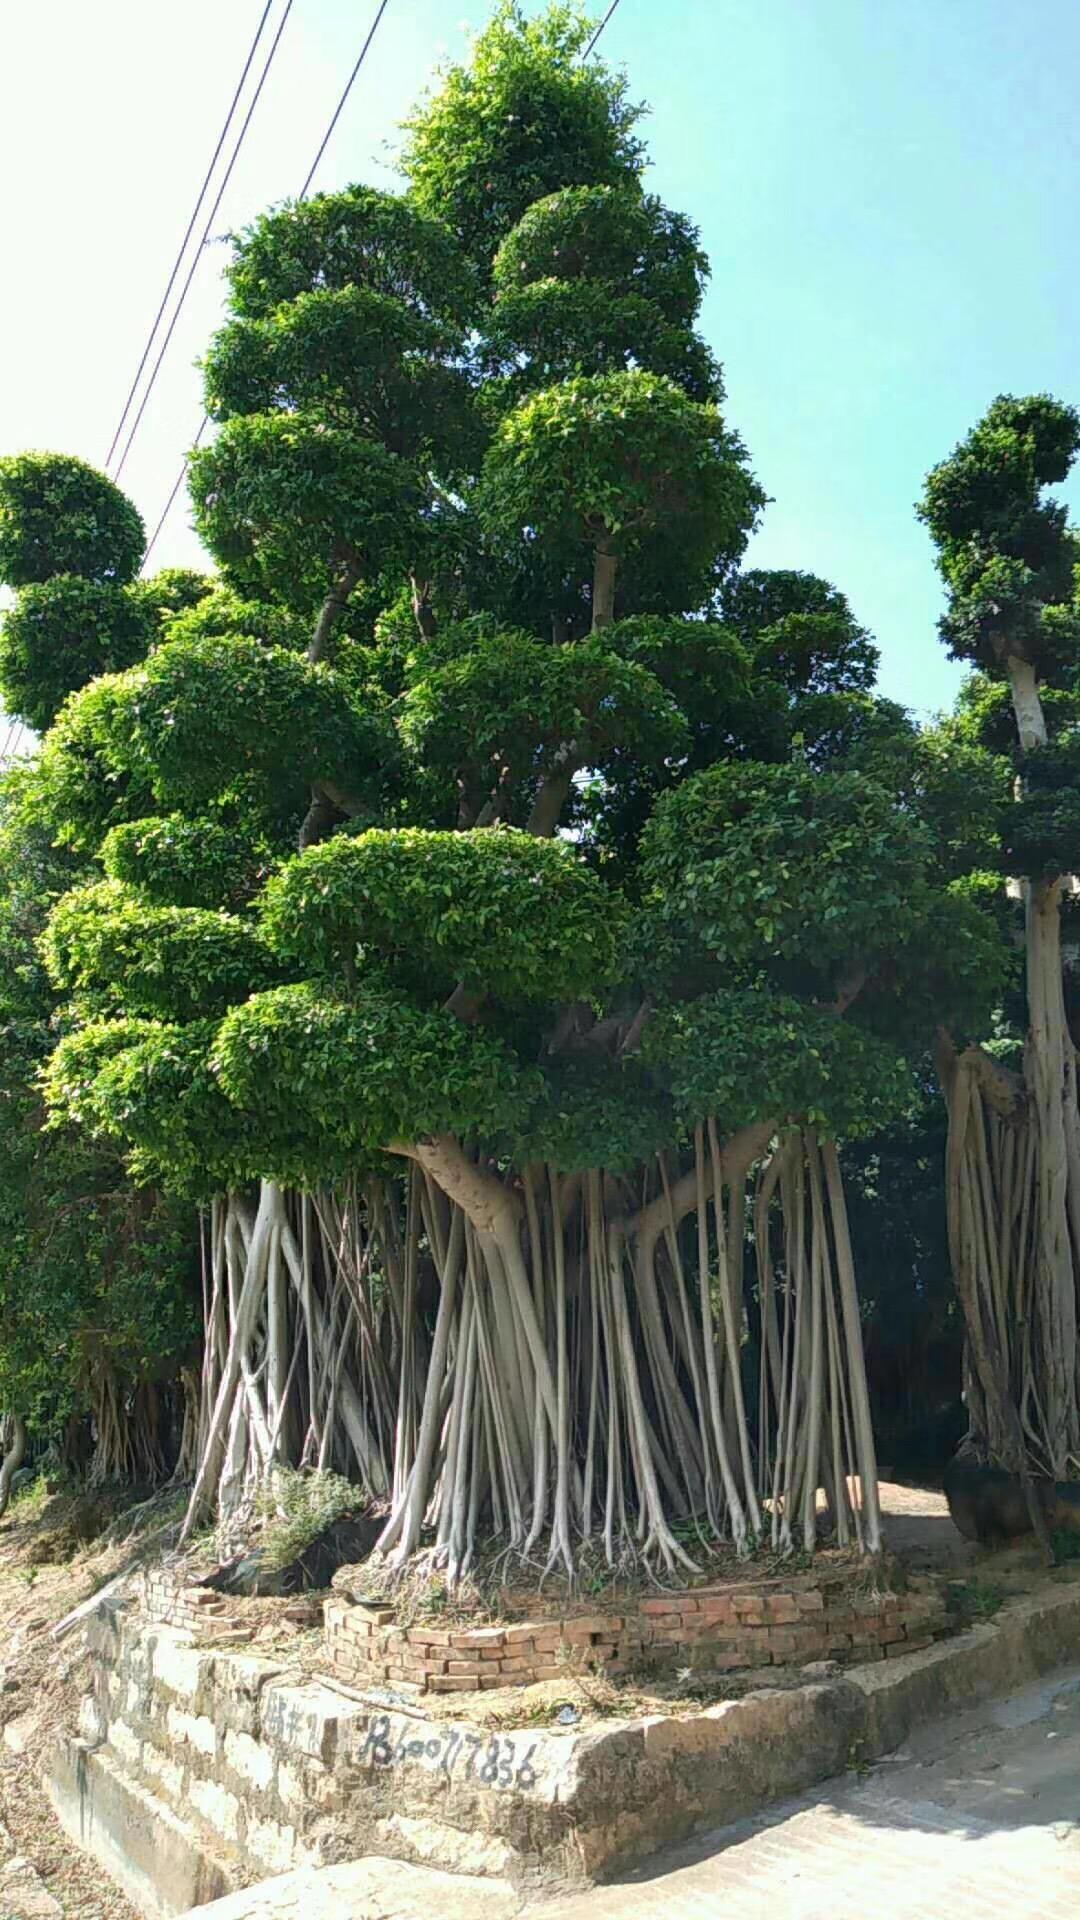 农户直销造型盆景造型小叶榕 规格齐全